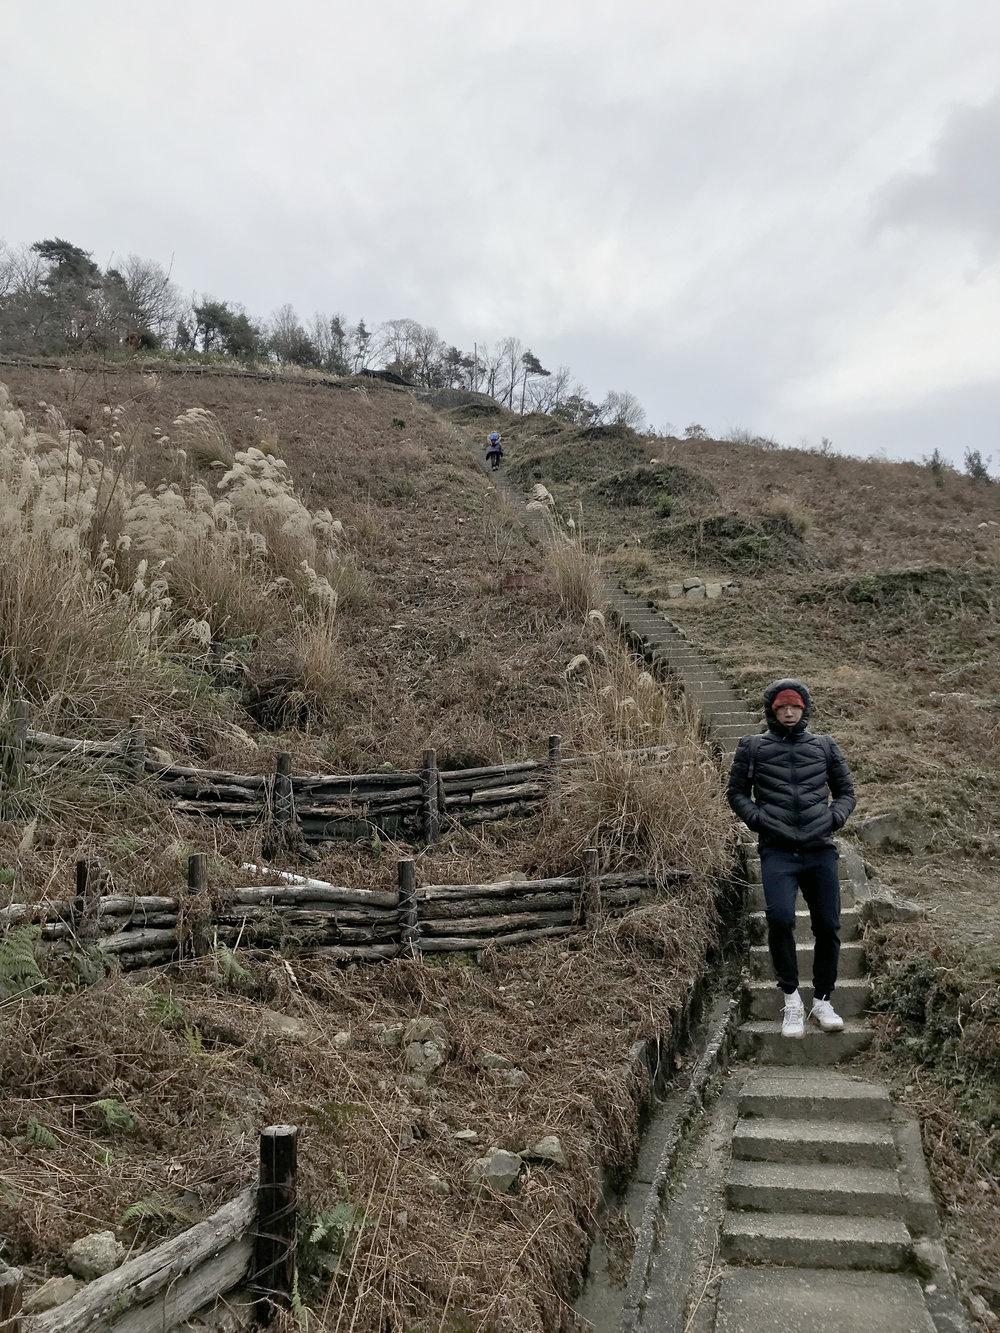 It's a steep walk down flights of small steps.